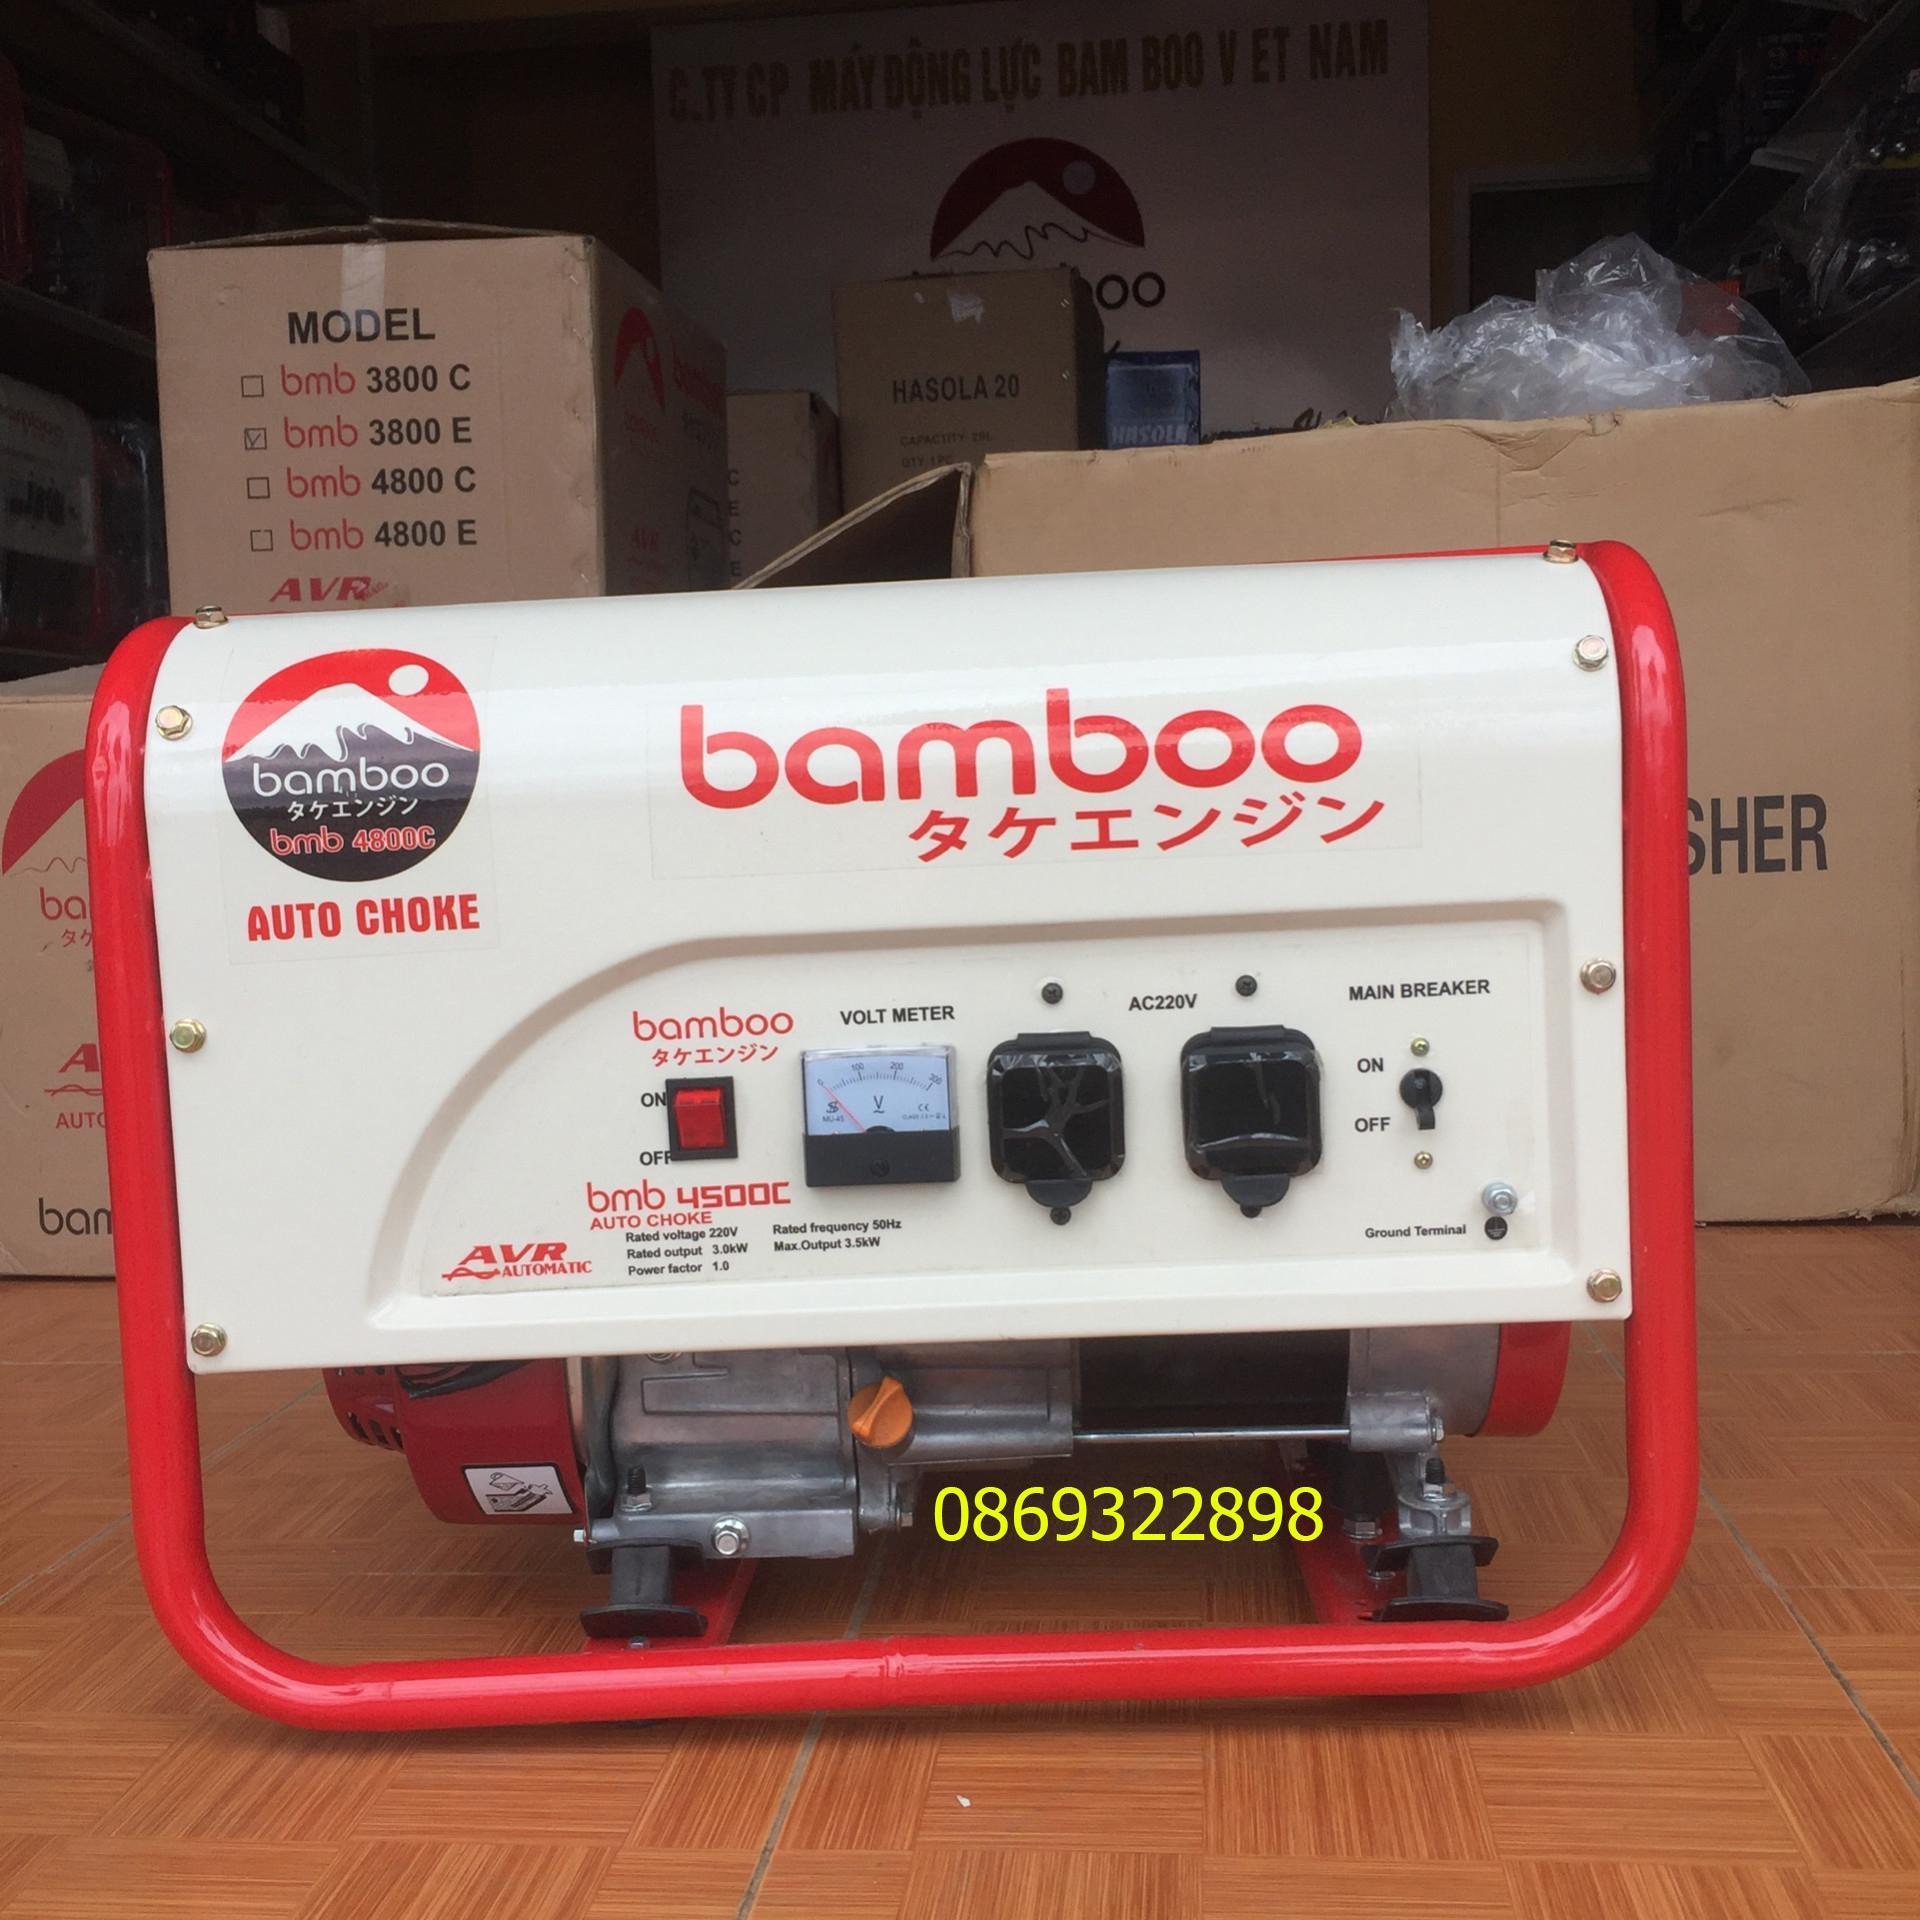 Máy phát điện bamboo 4800C 3.5kw chạy xăng giật tay